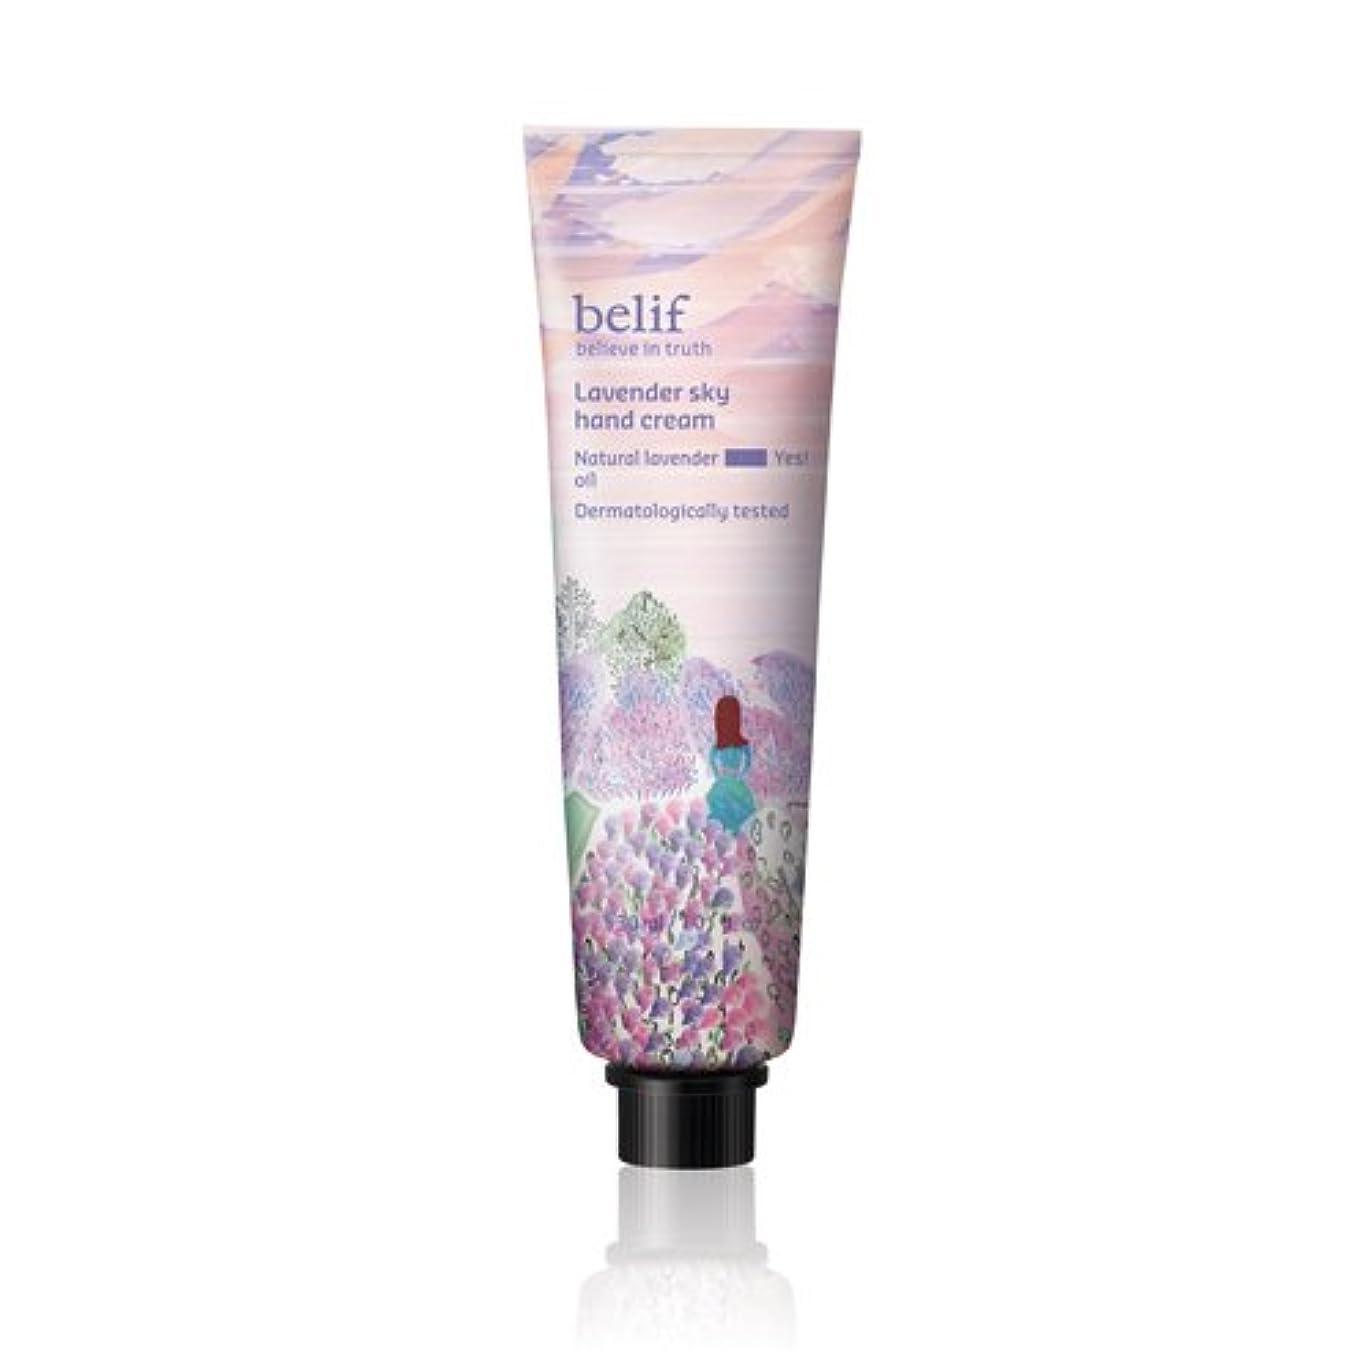 ネイティブ昼寝歪めるBelif(ビリーフ)Lavender sky hand cream 30ml/ラベンダースカイハンドクリーム